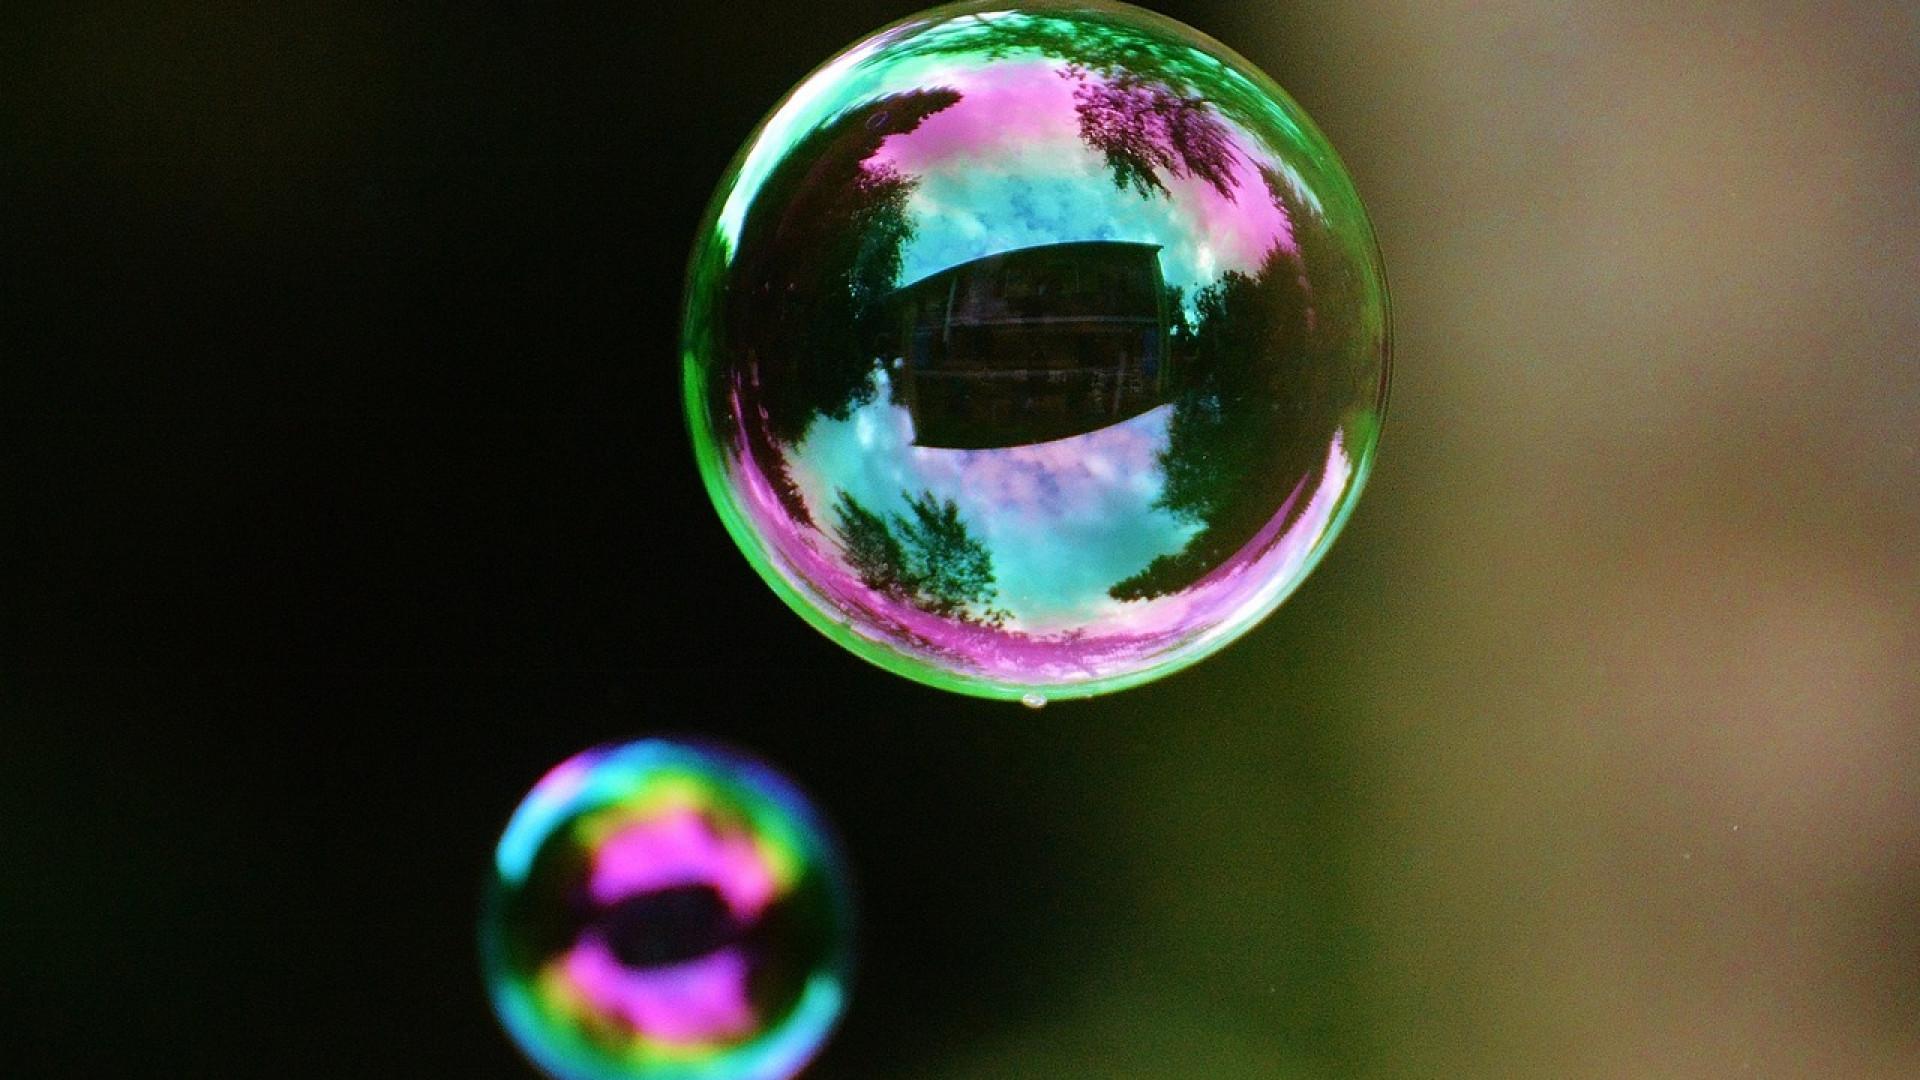 170c6689d0fa5e573b0b30e2d5d5ec20 - Profitez d'une nuitée dans une bulle en Bretagne